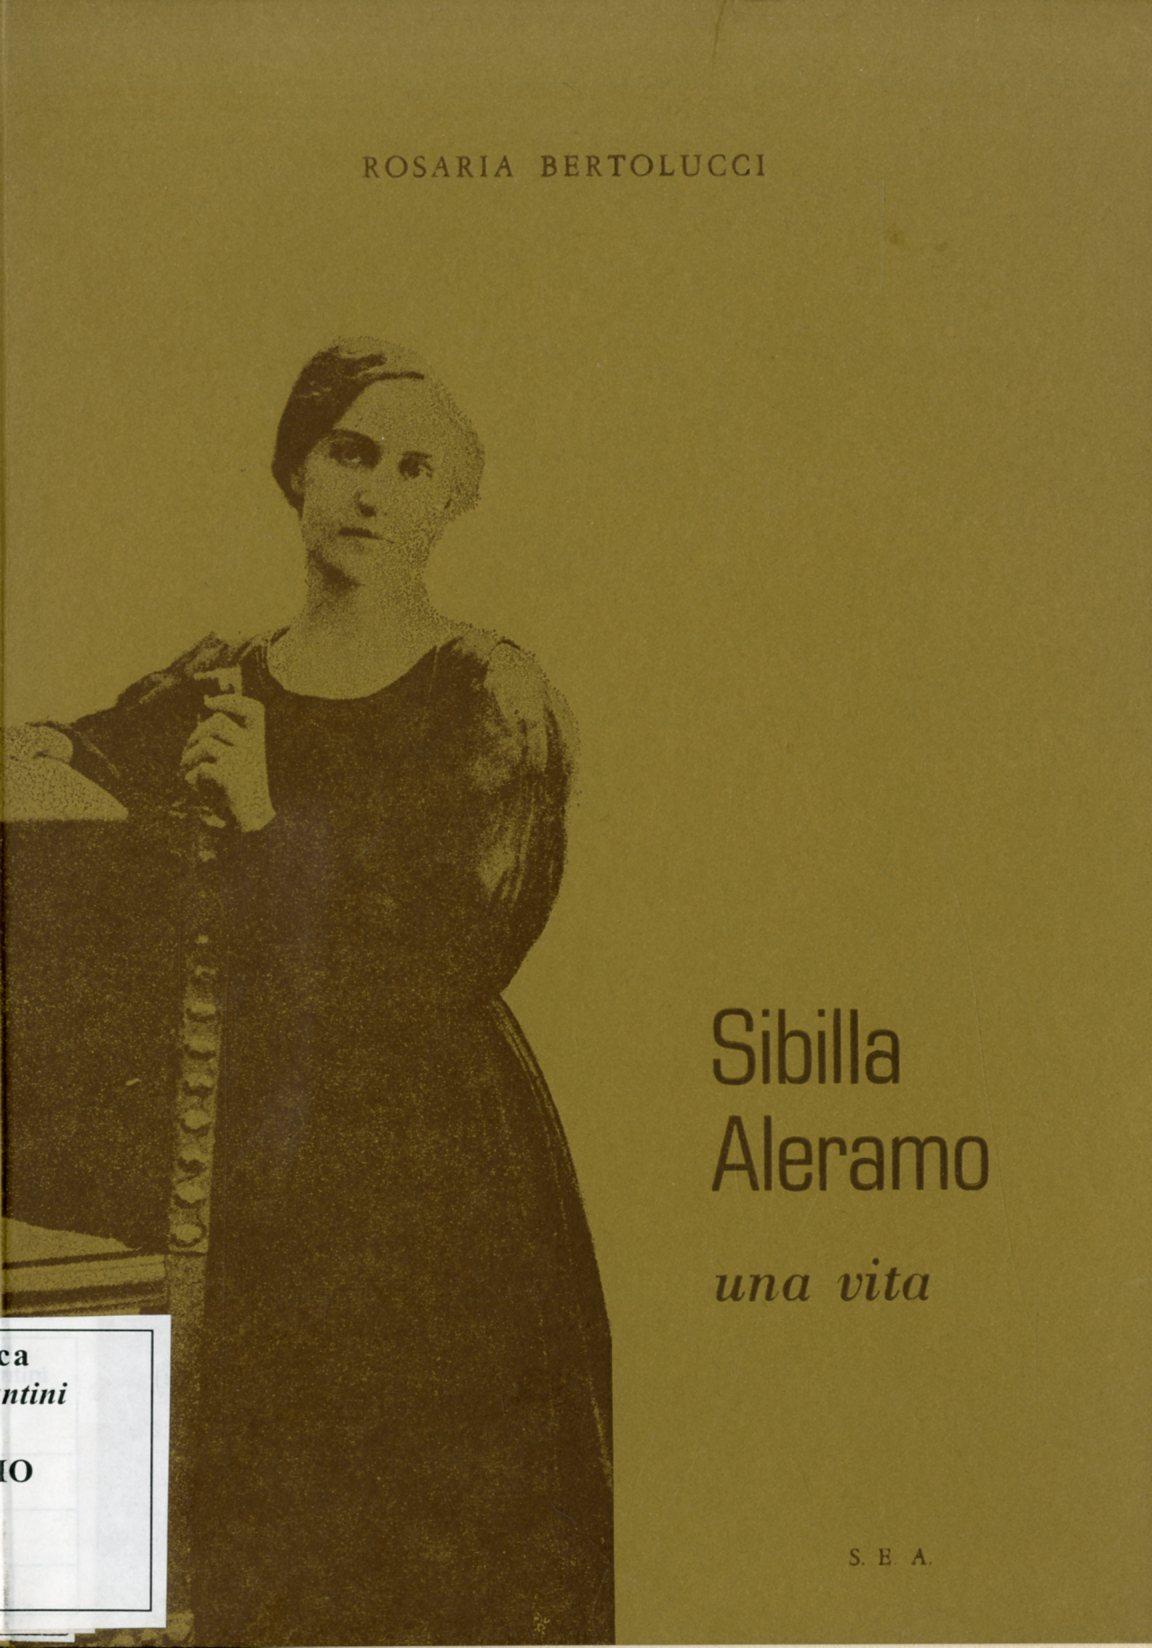 Sibilla_Aleramo_006